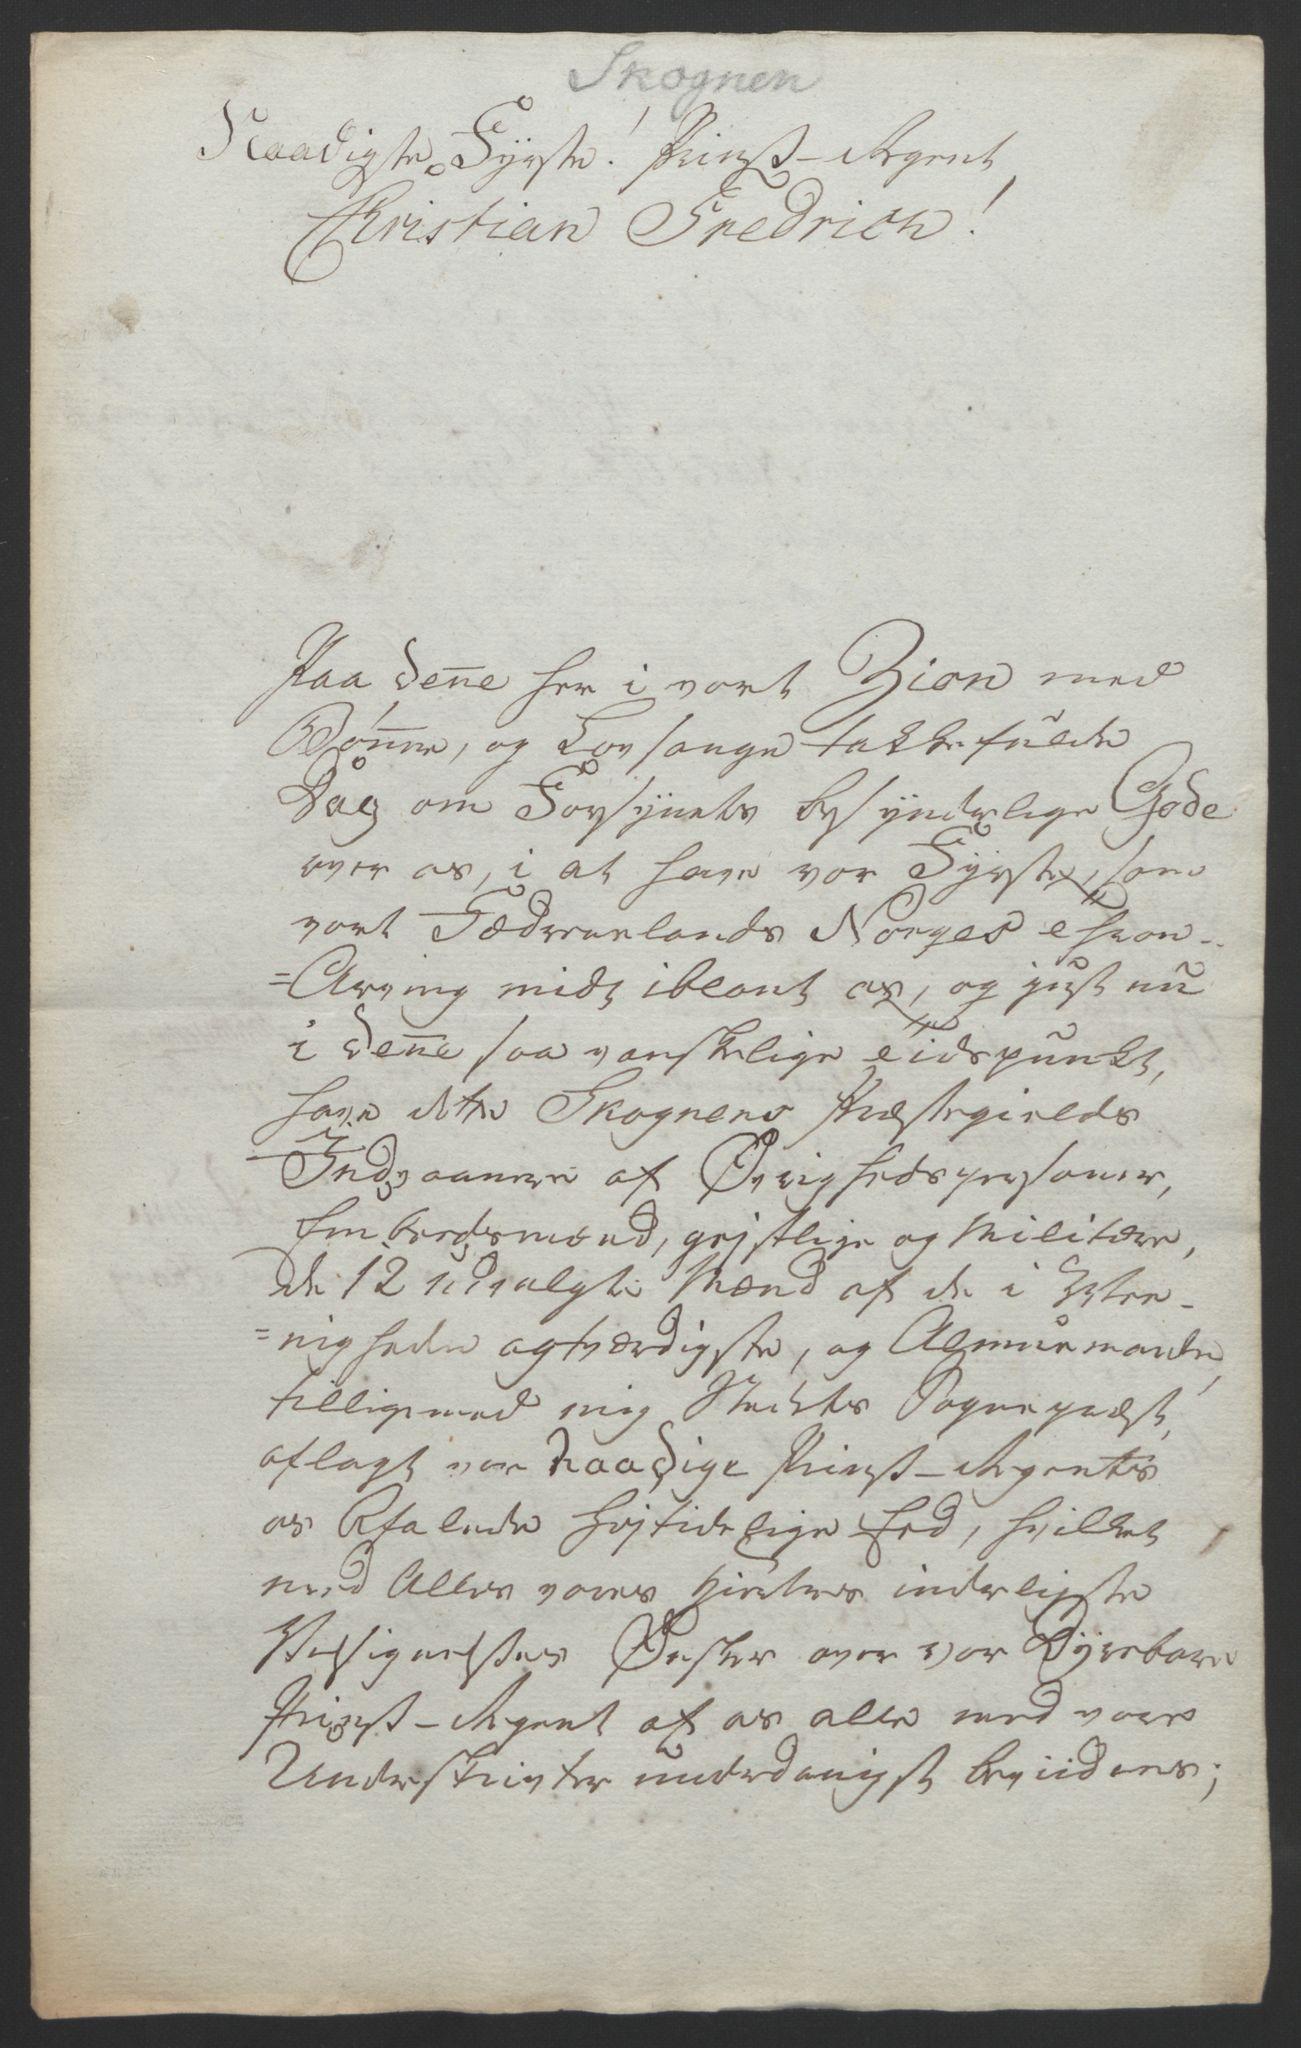 RA, Statsrådssekretariatet, D/Db/L0008: Fullmakter for Eidsvollsrepresentantene i 1814. , 1814, s. 475